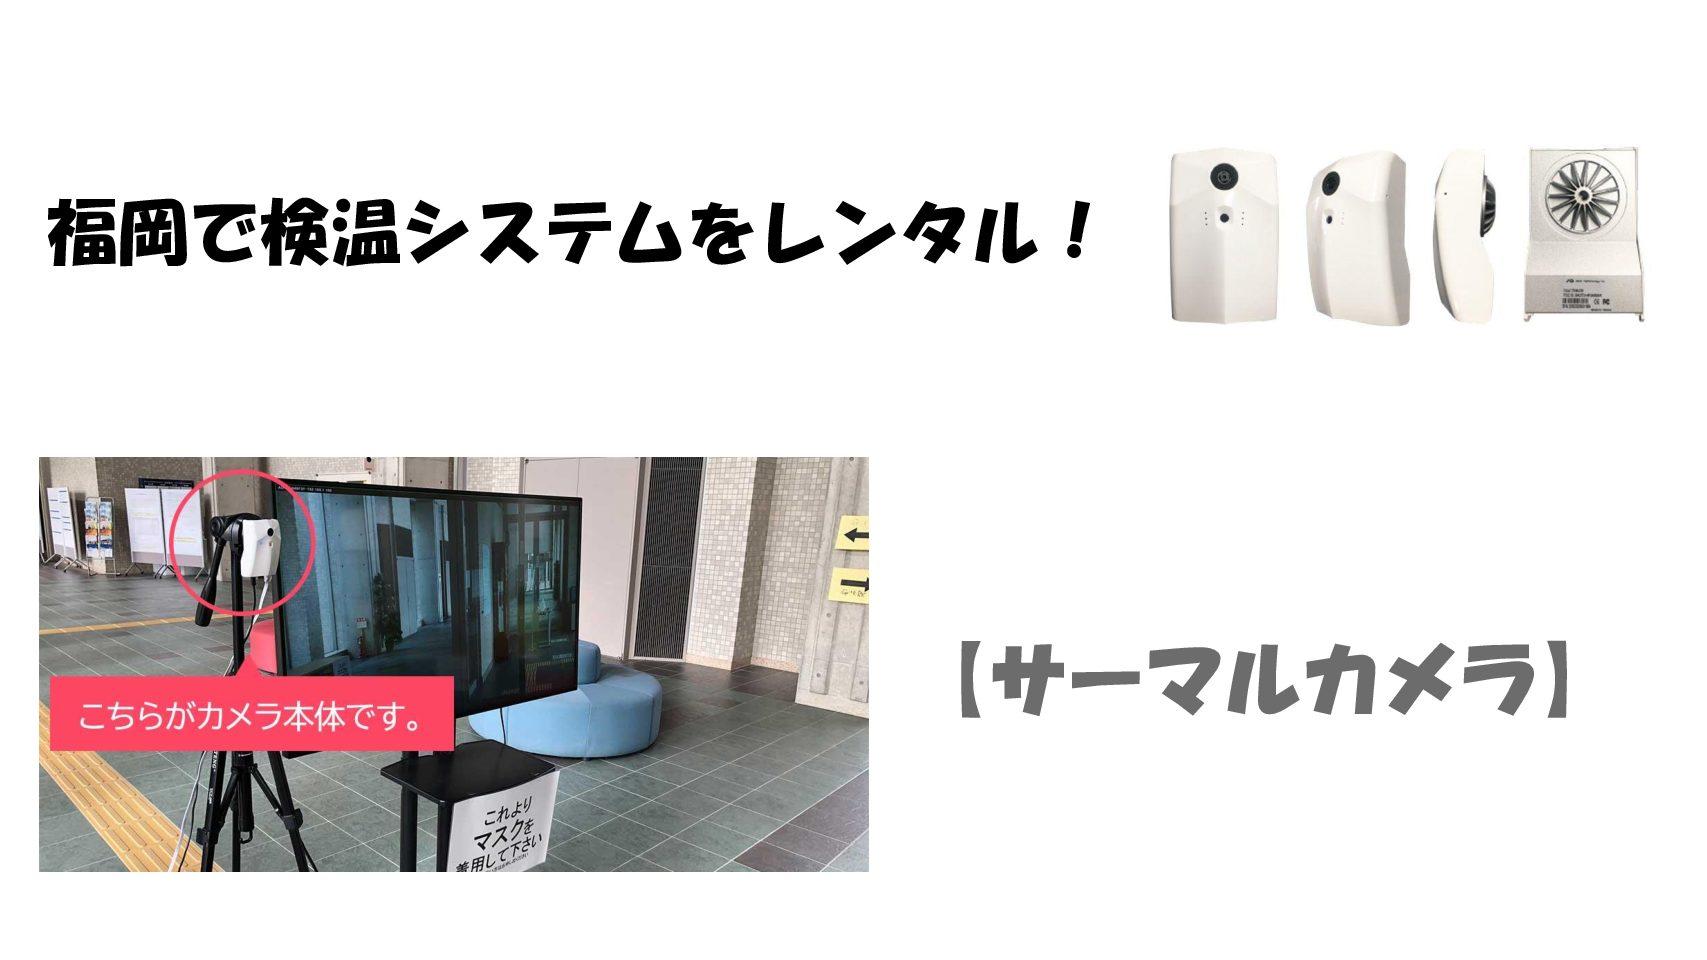 福岡で検温システムをレンタル